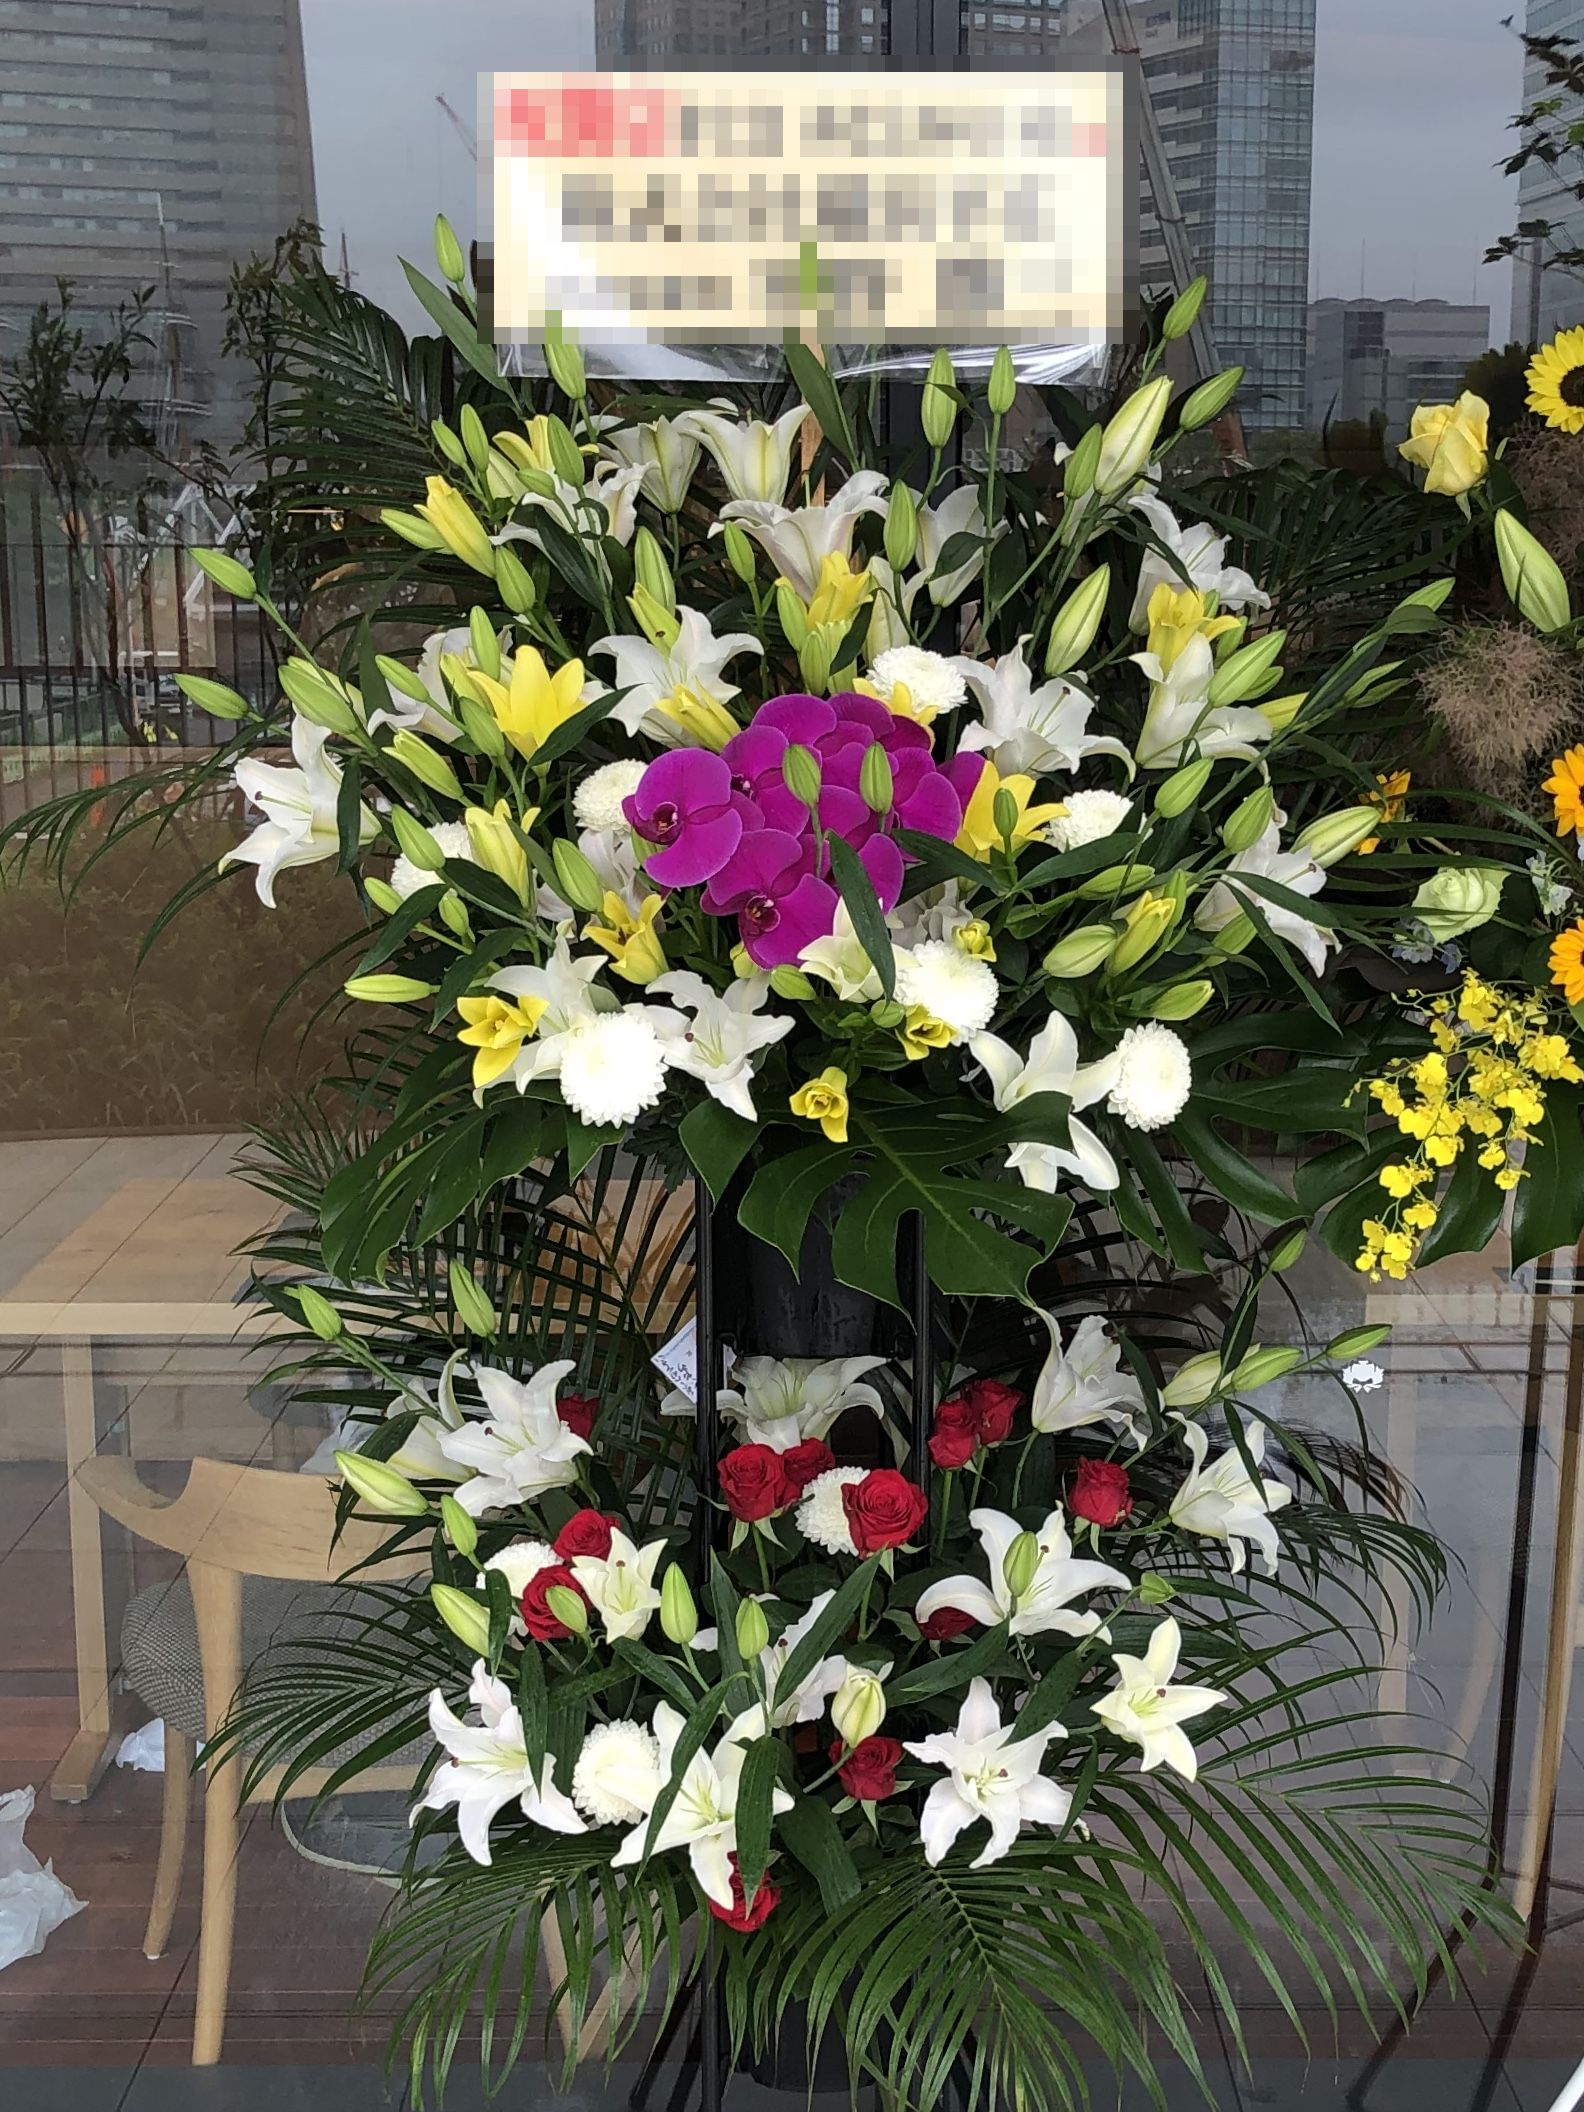 横浜市中区本町へスタンド花を即日当日配達しました。【横浜花屋の花束・スタンド花・胡蝶蘭・バルーン・アレンジメント配達事例690】